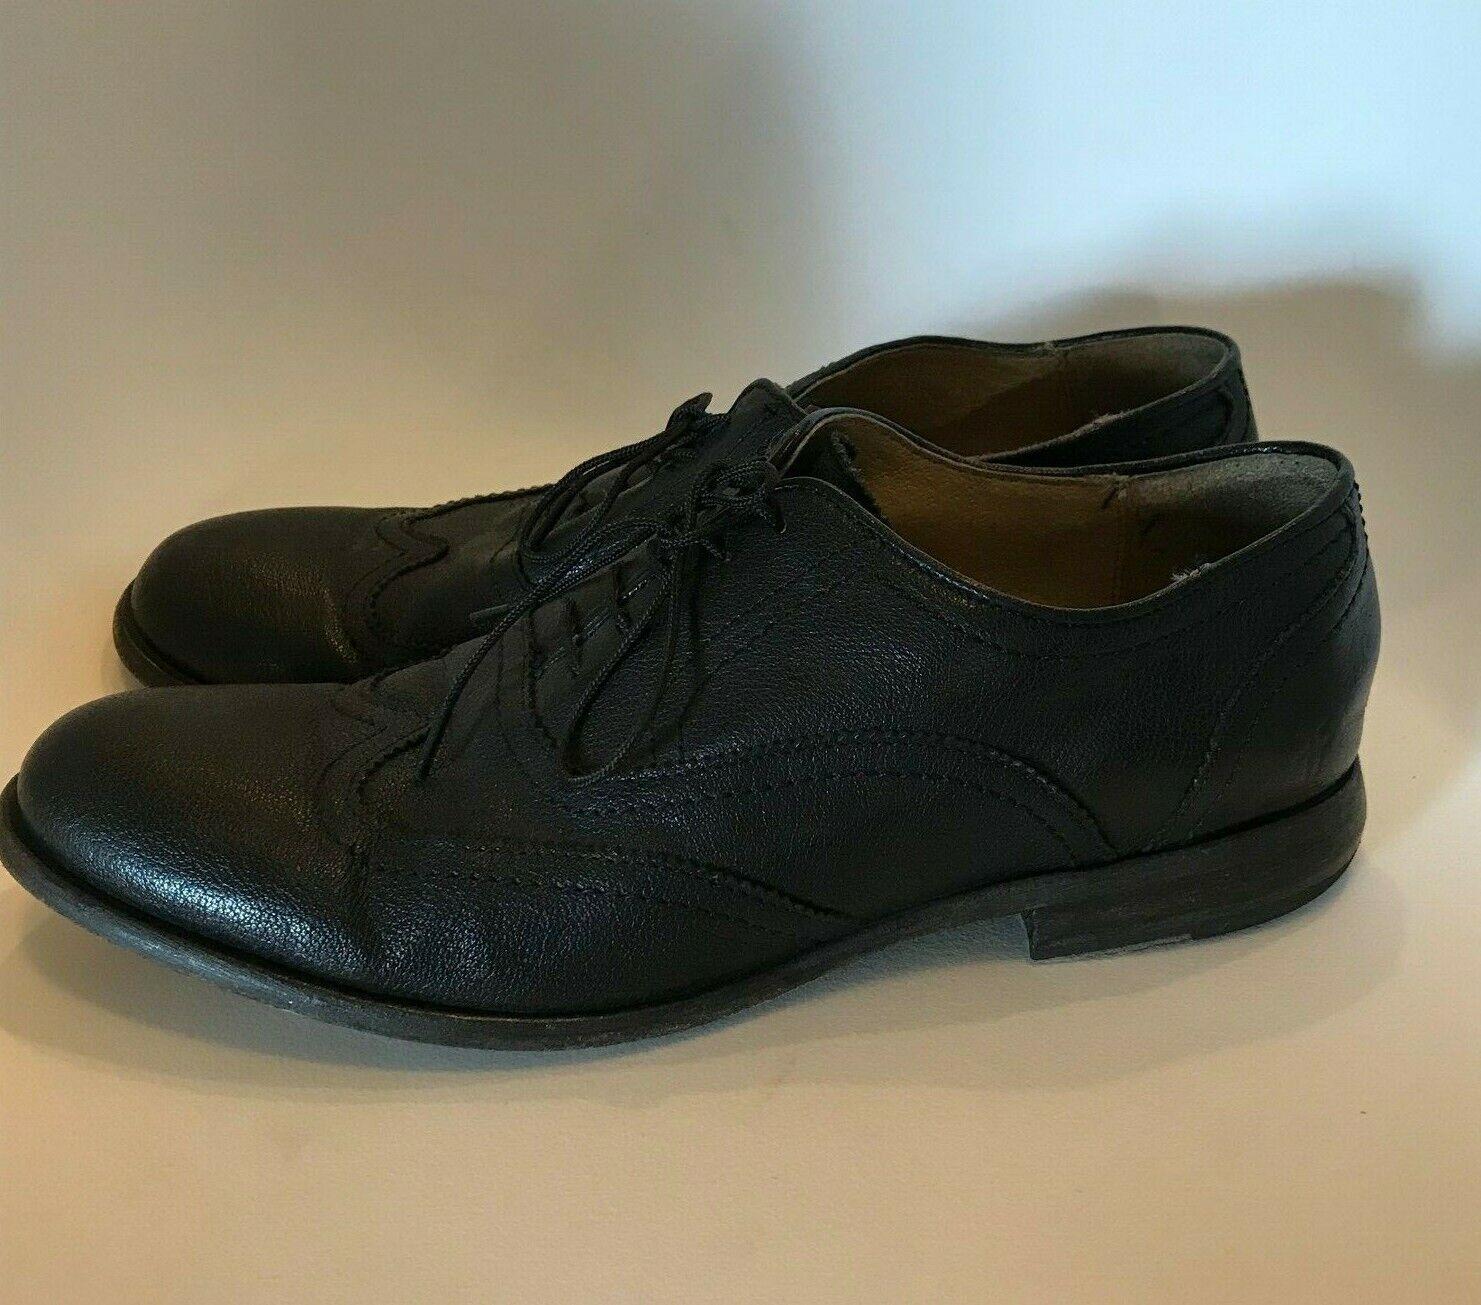 Homme Frye 9.5 Harvey Bout D'Aile Noir Antique en cuir chaussures